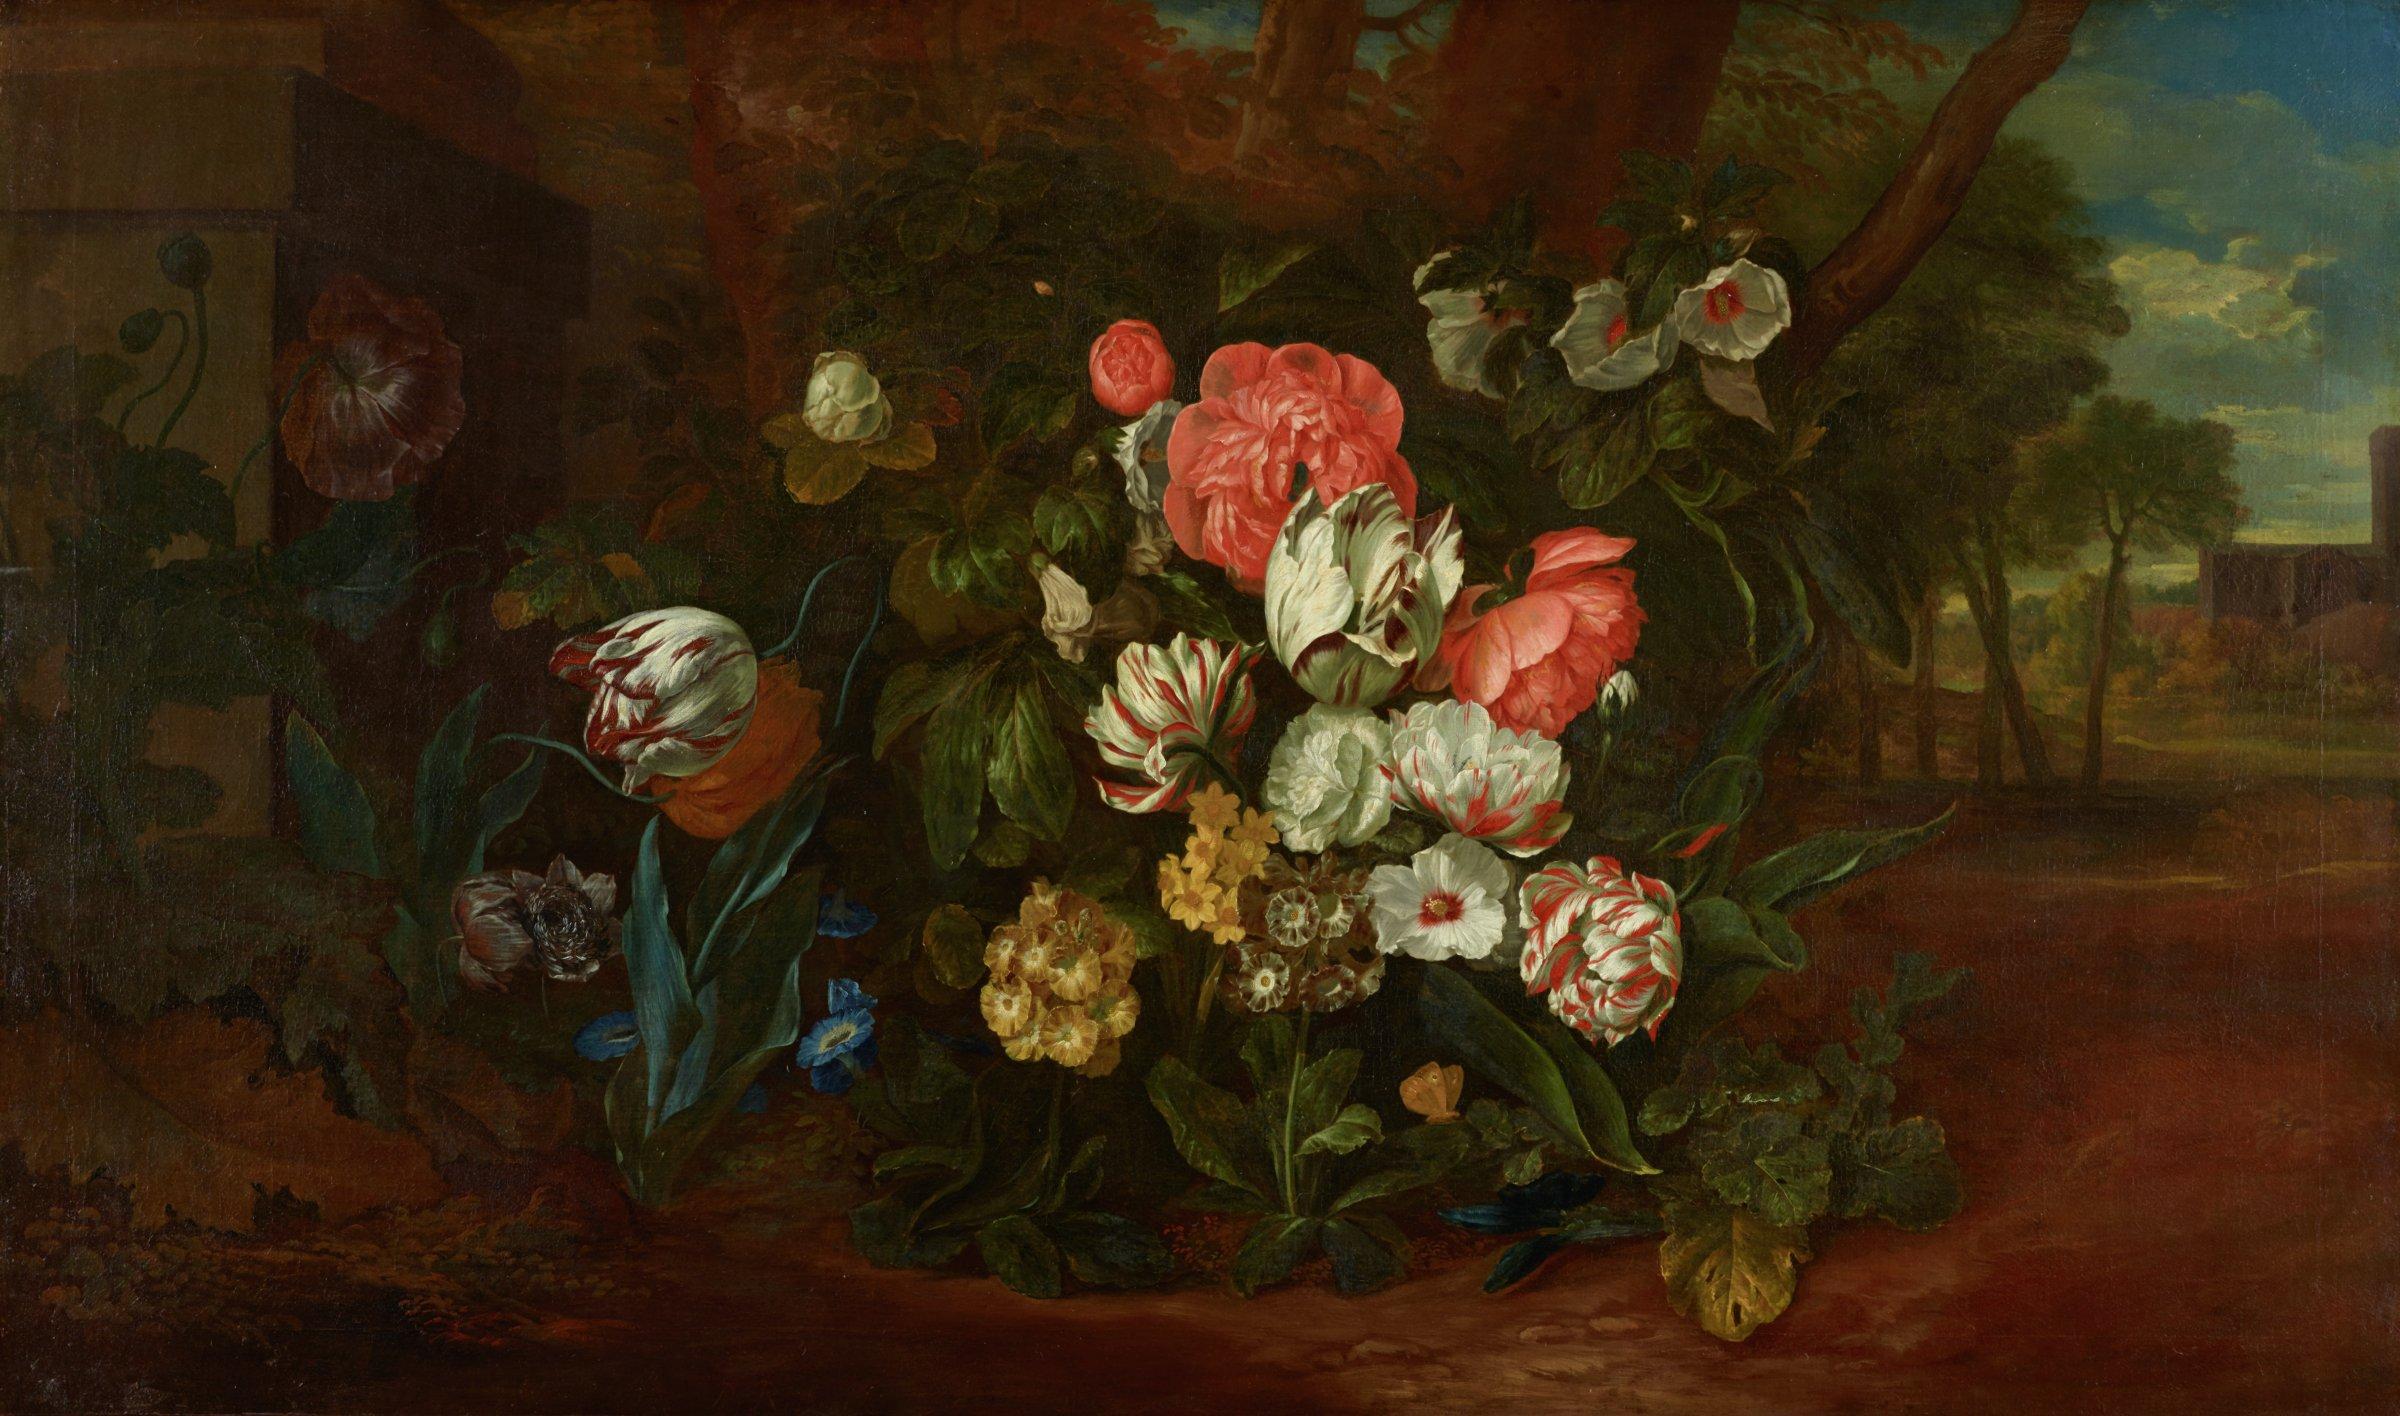 Still Life, Pieter Andreas Rysbrack, oil on canvas